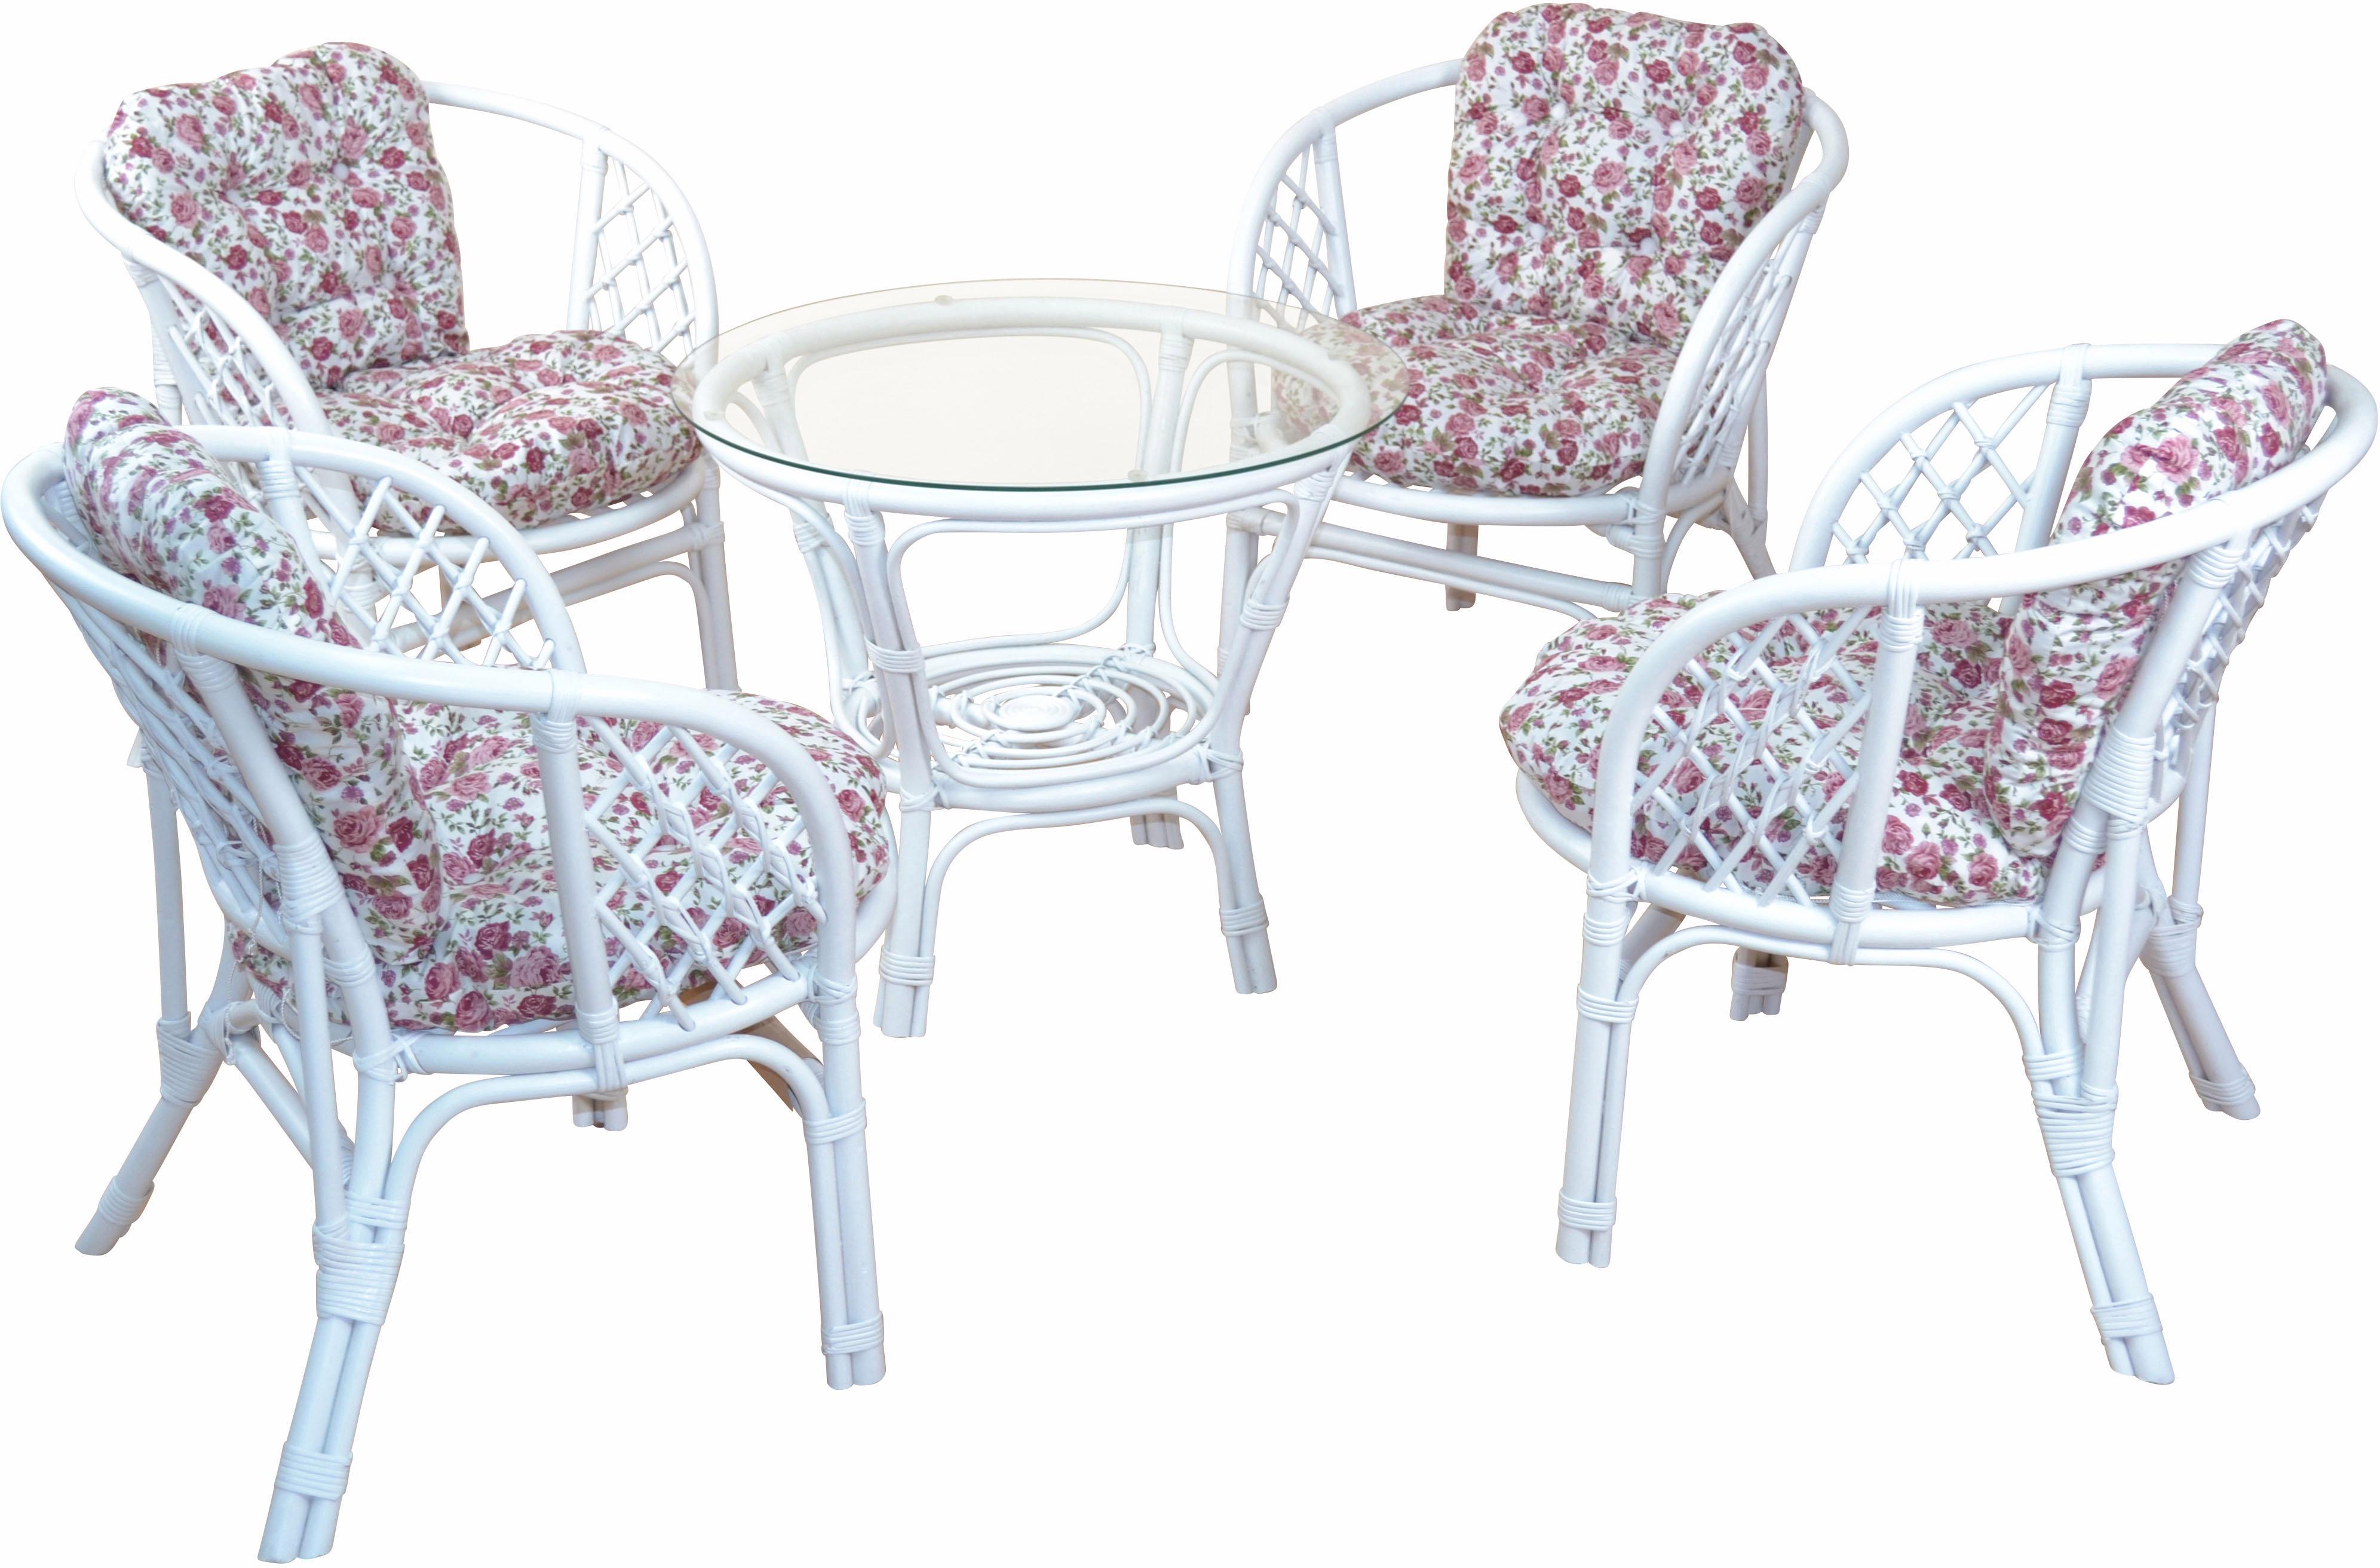 weiss-gebeizt Gartenmöbel-Set online kaufen | Möbel-Suchmaschine ...